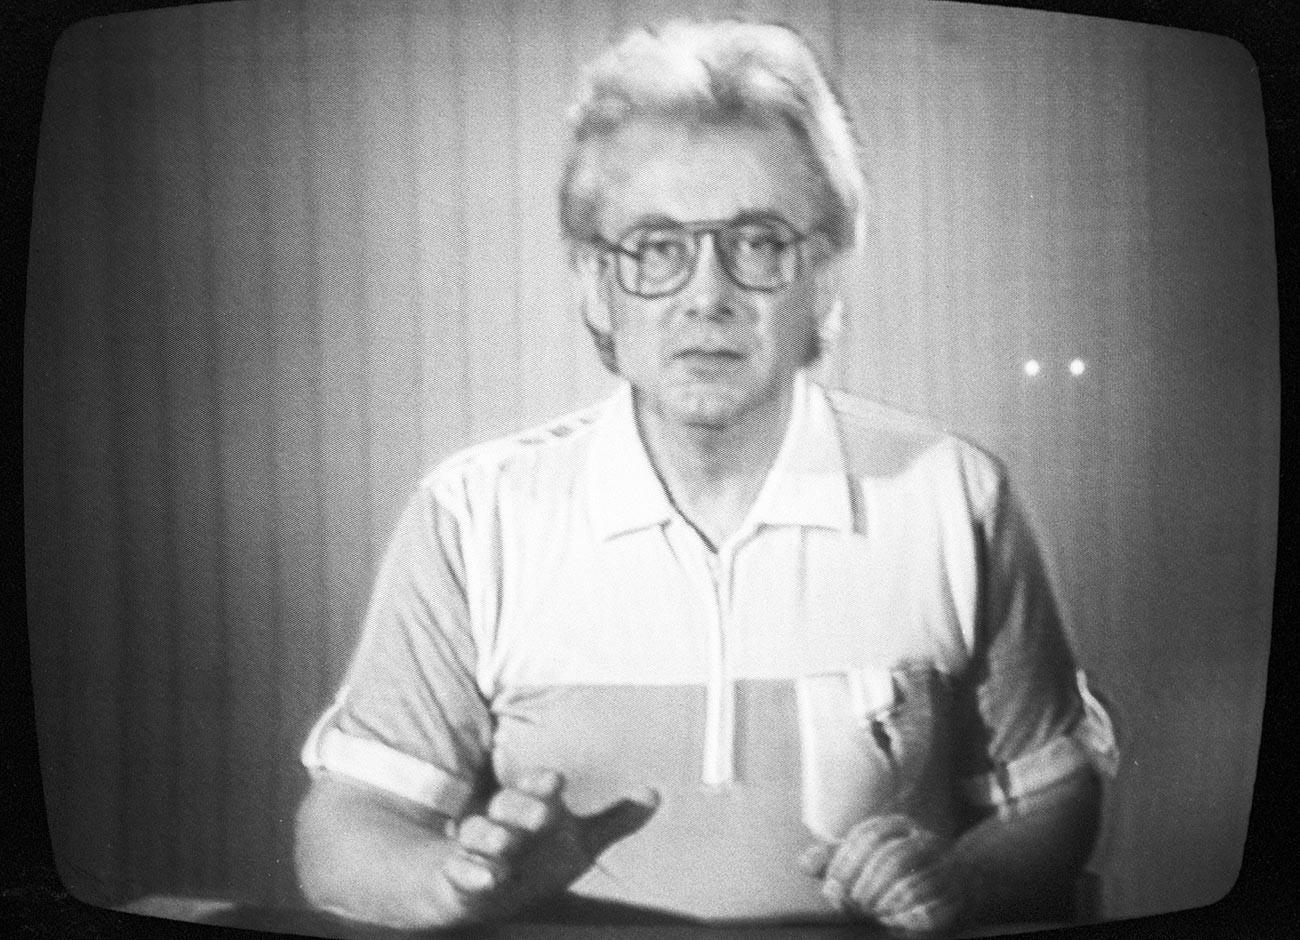 Chumak's program on Soviet TV.